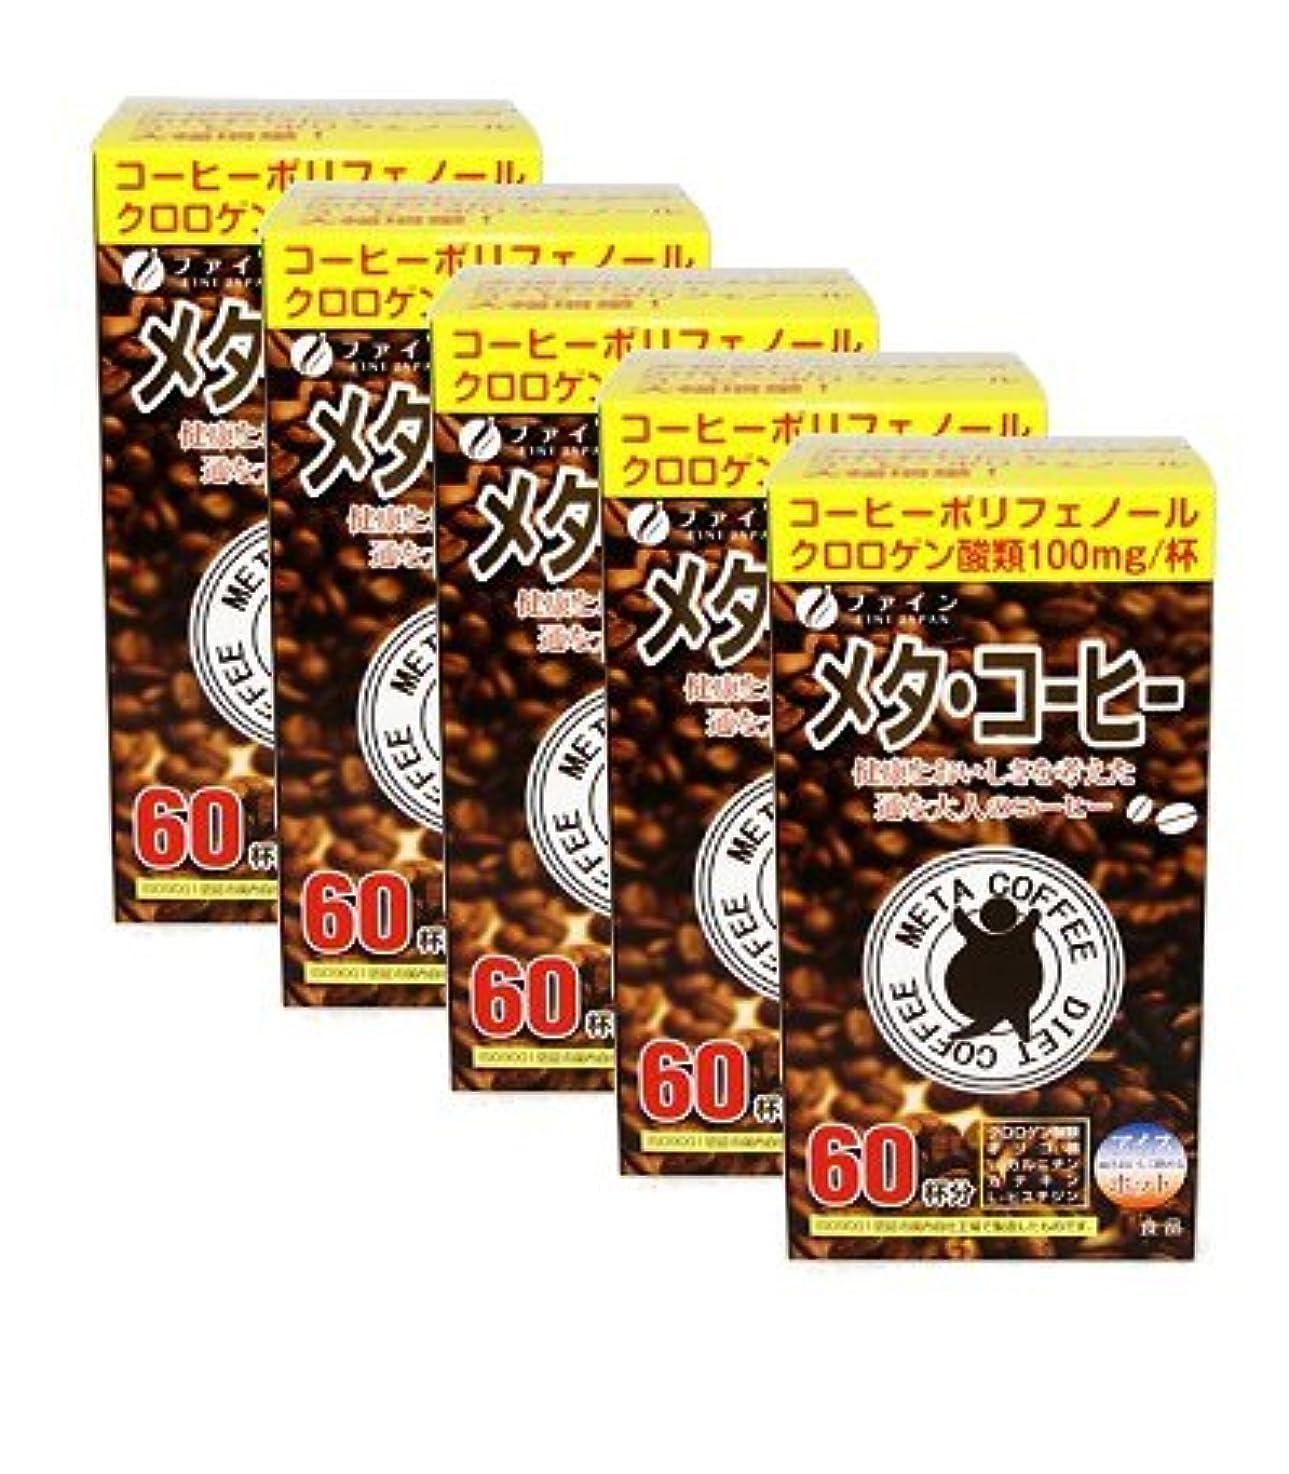 憲法試験コンプライアンスファイン 美味しいメタ?コーヒー Slim&Diet(スリム&ダイエット) 60包 (#456835)